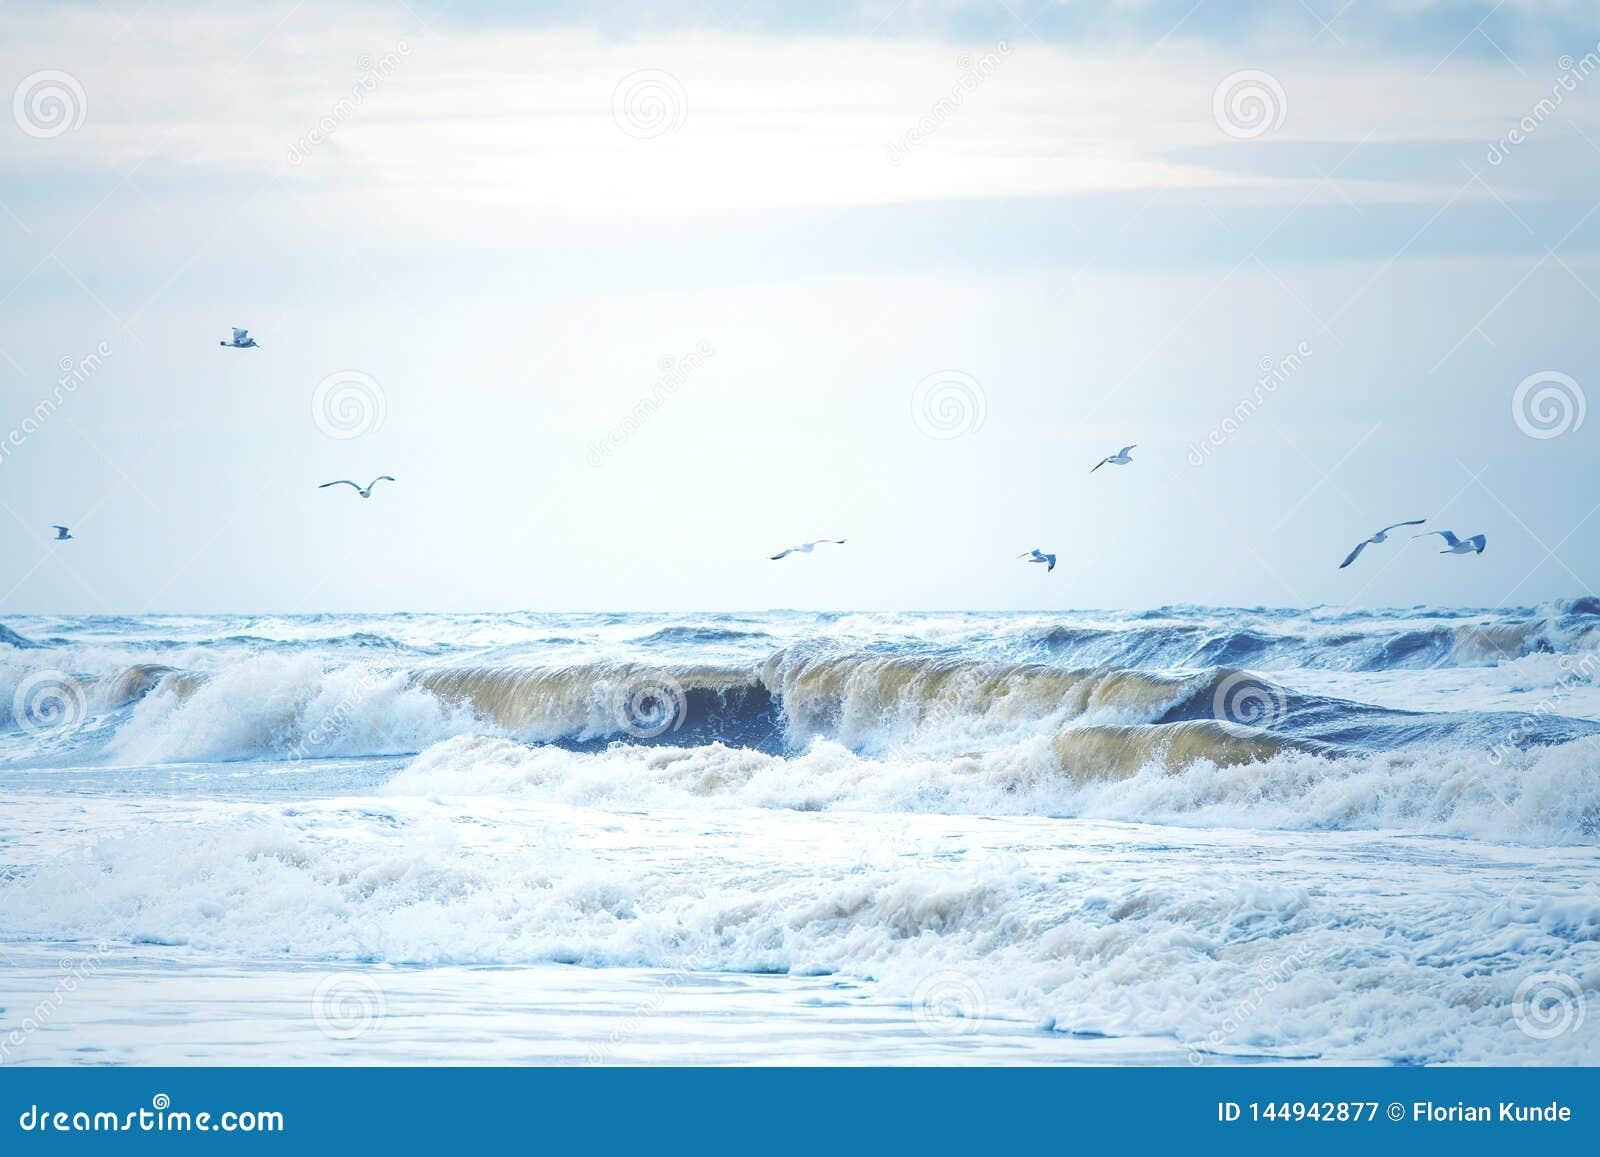 Κύματα στη Βόρεια Θάλασσα στη Δανία